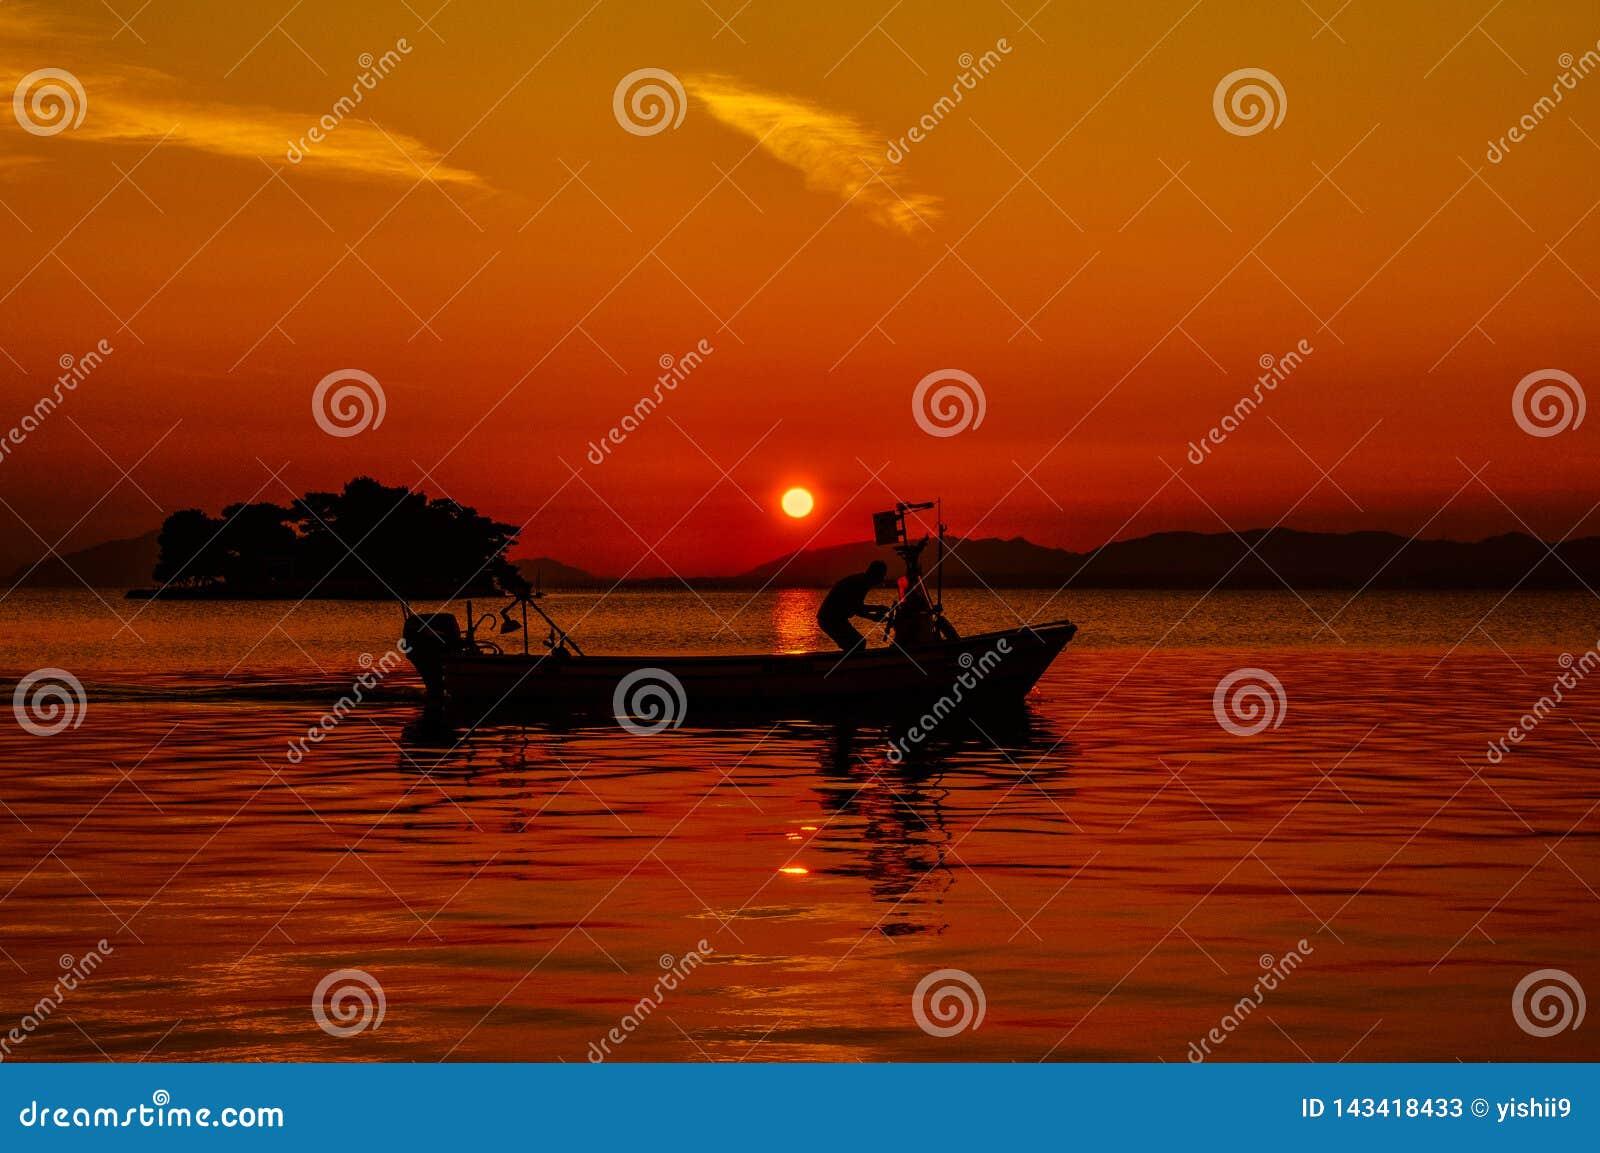 Άτομο που οδηγεί μια βάρκα με τον ήλιο ρύθμισης στο υπόβαθρο